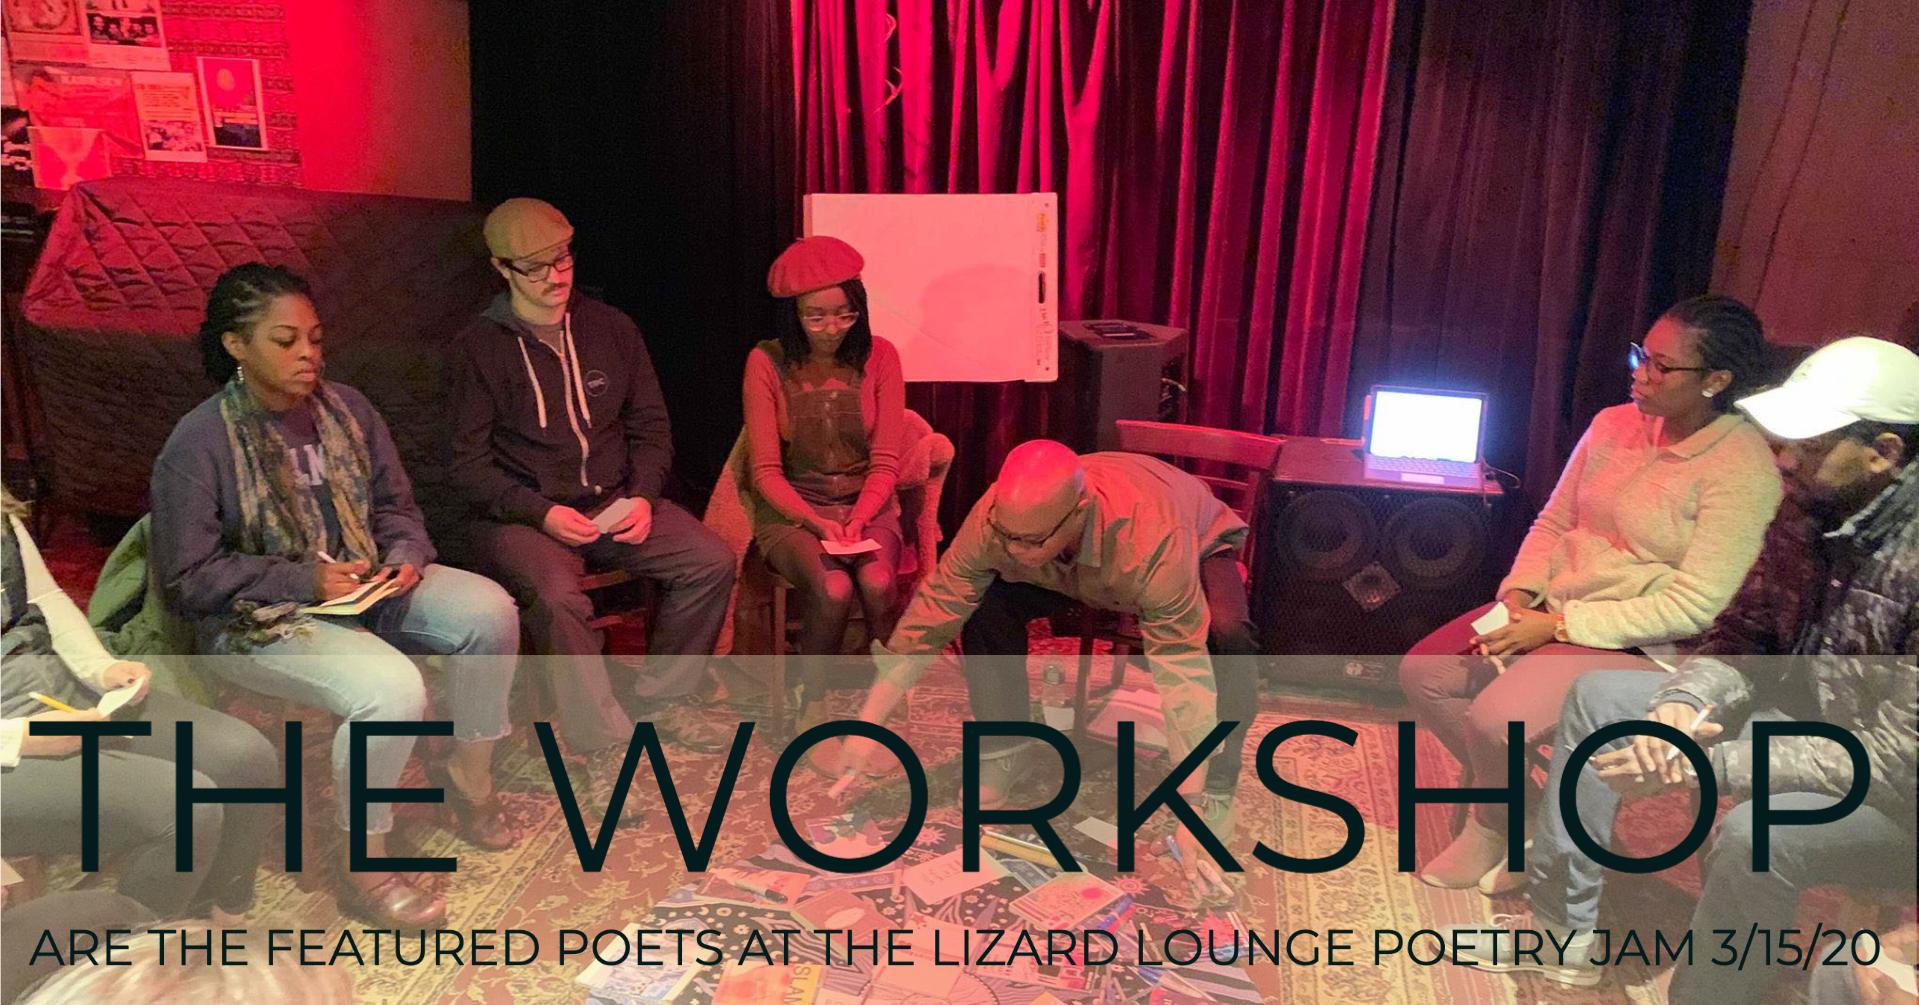 The Workshop Poets